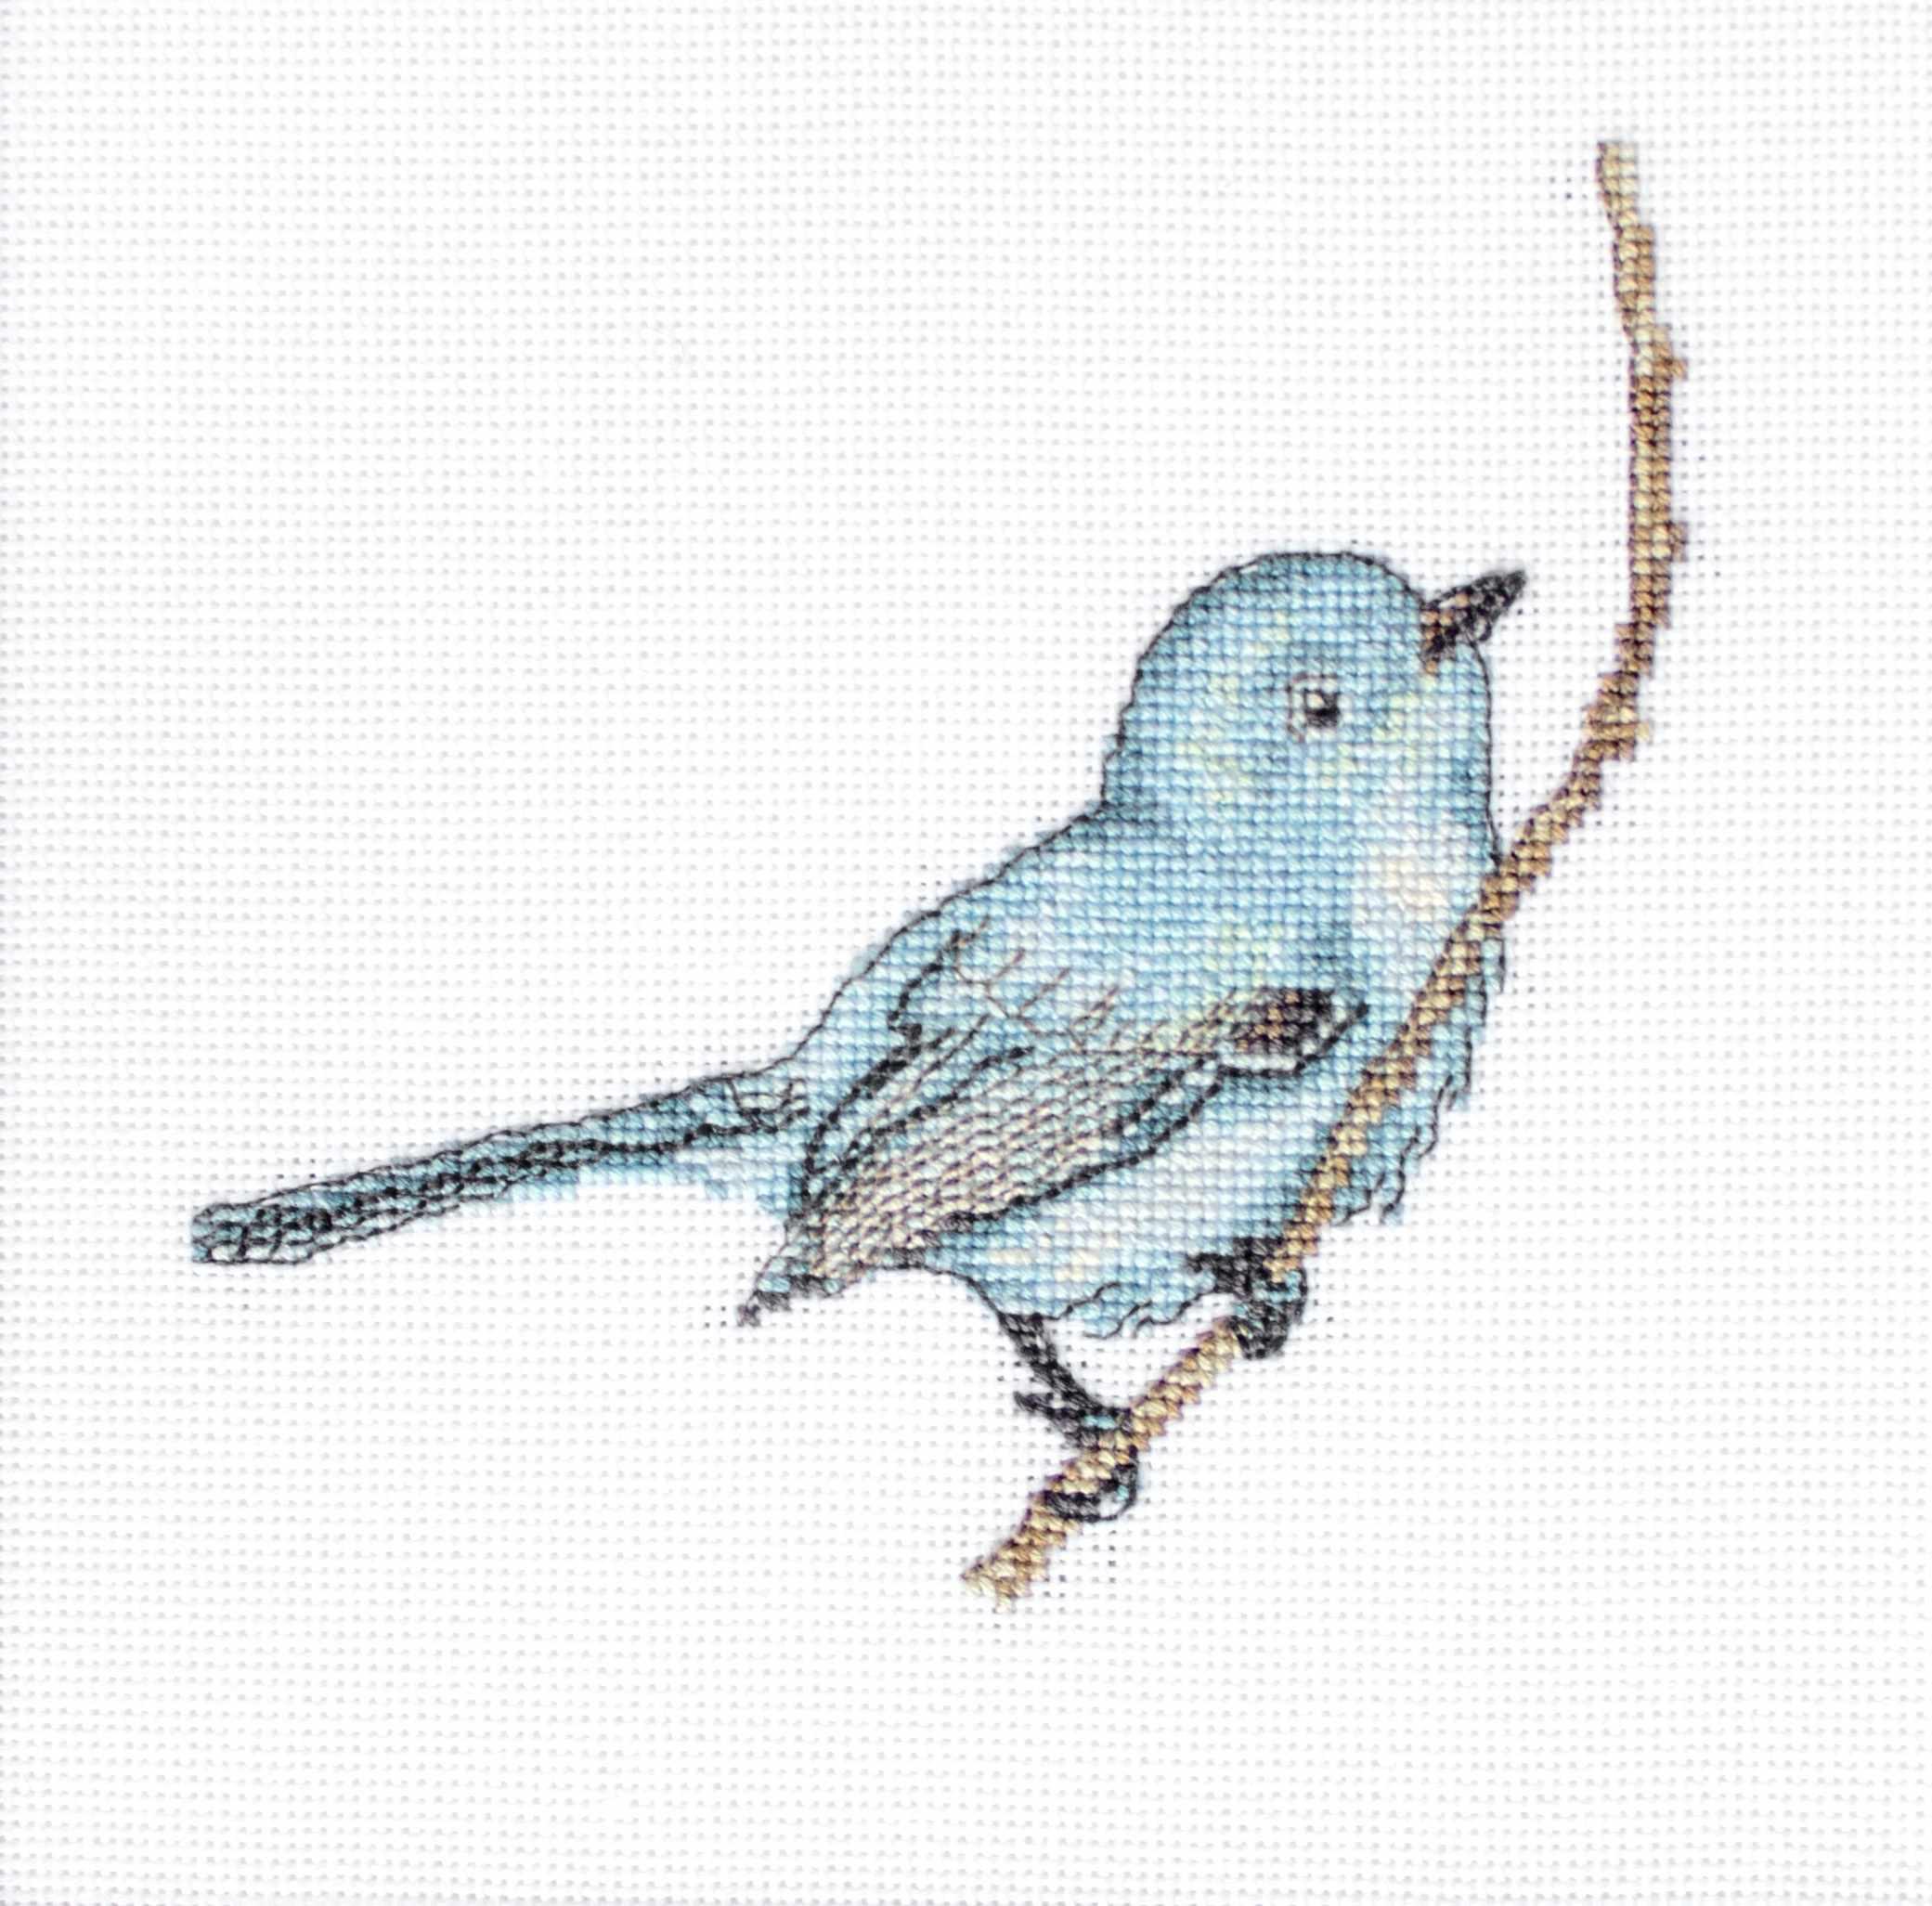 B11588 Певчая птица (Luca-S)